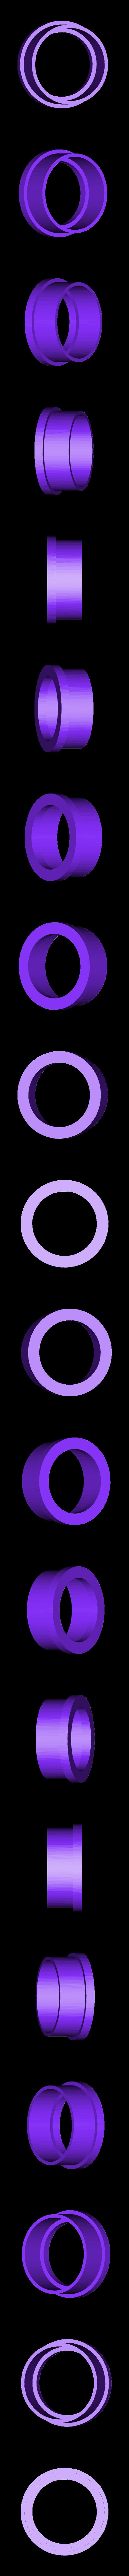 Ring-of-5ths-Bottom.stl Télécharger fichier STL gratuit Tourniquet du Cercle des Cinquièmes • Objet pour impression 3D, cclontz